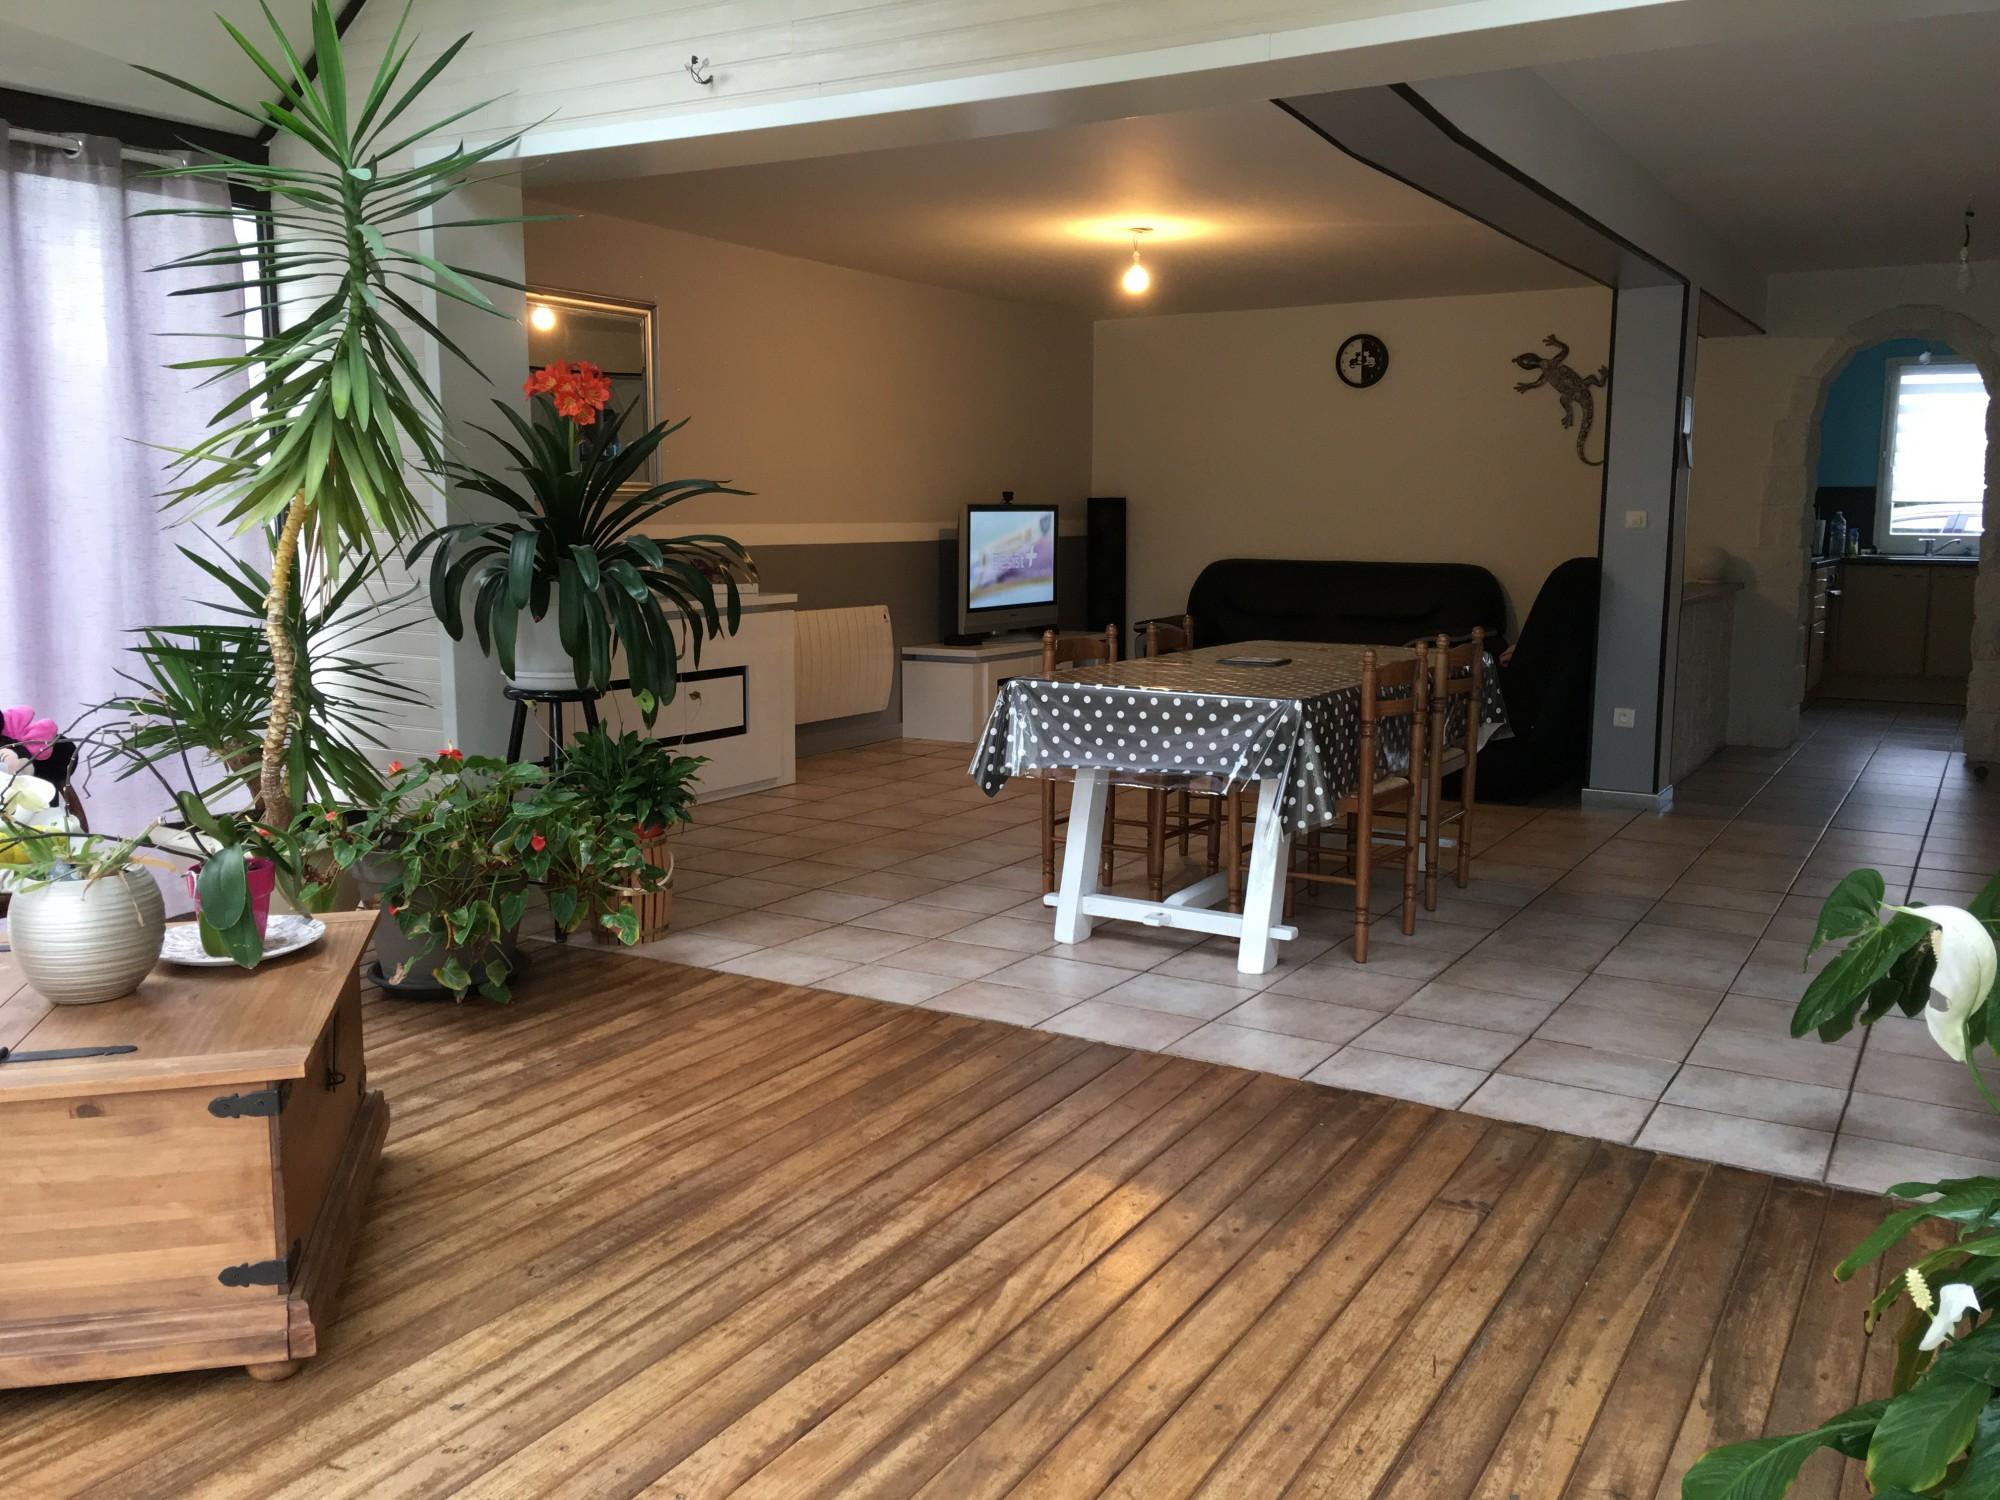 dieppe ventes maison au calme aux portes de dieppe berneval le grand seine maritime 76. Black Bedroom Furniture Sets. Home Design Ideas